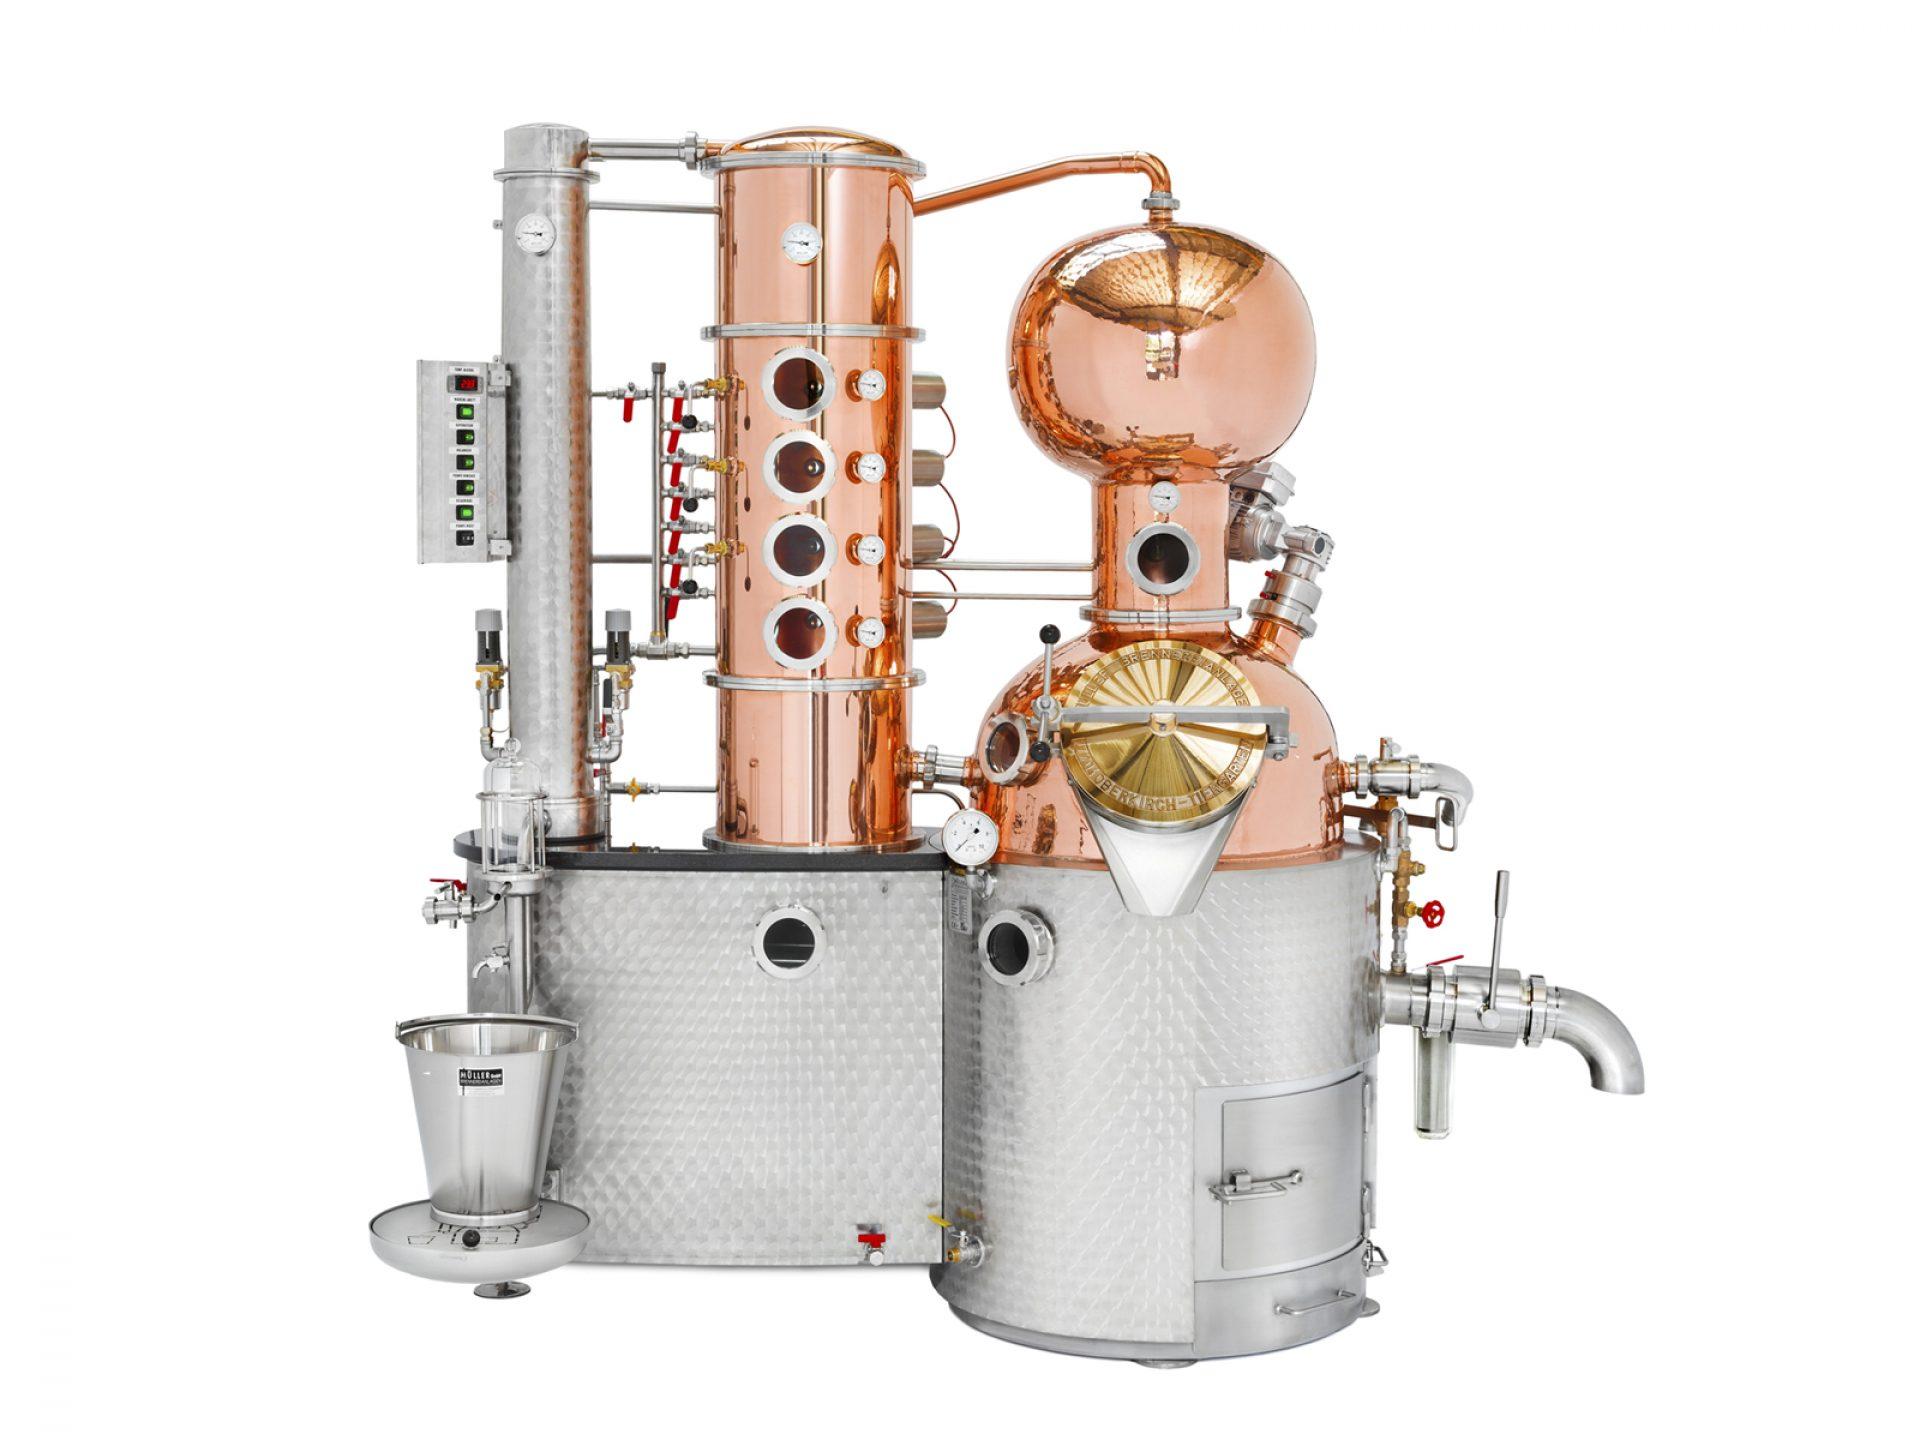 mueller-aroma-brennereianlagen-slider-1920-1200-2